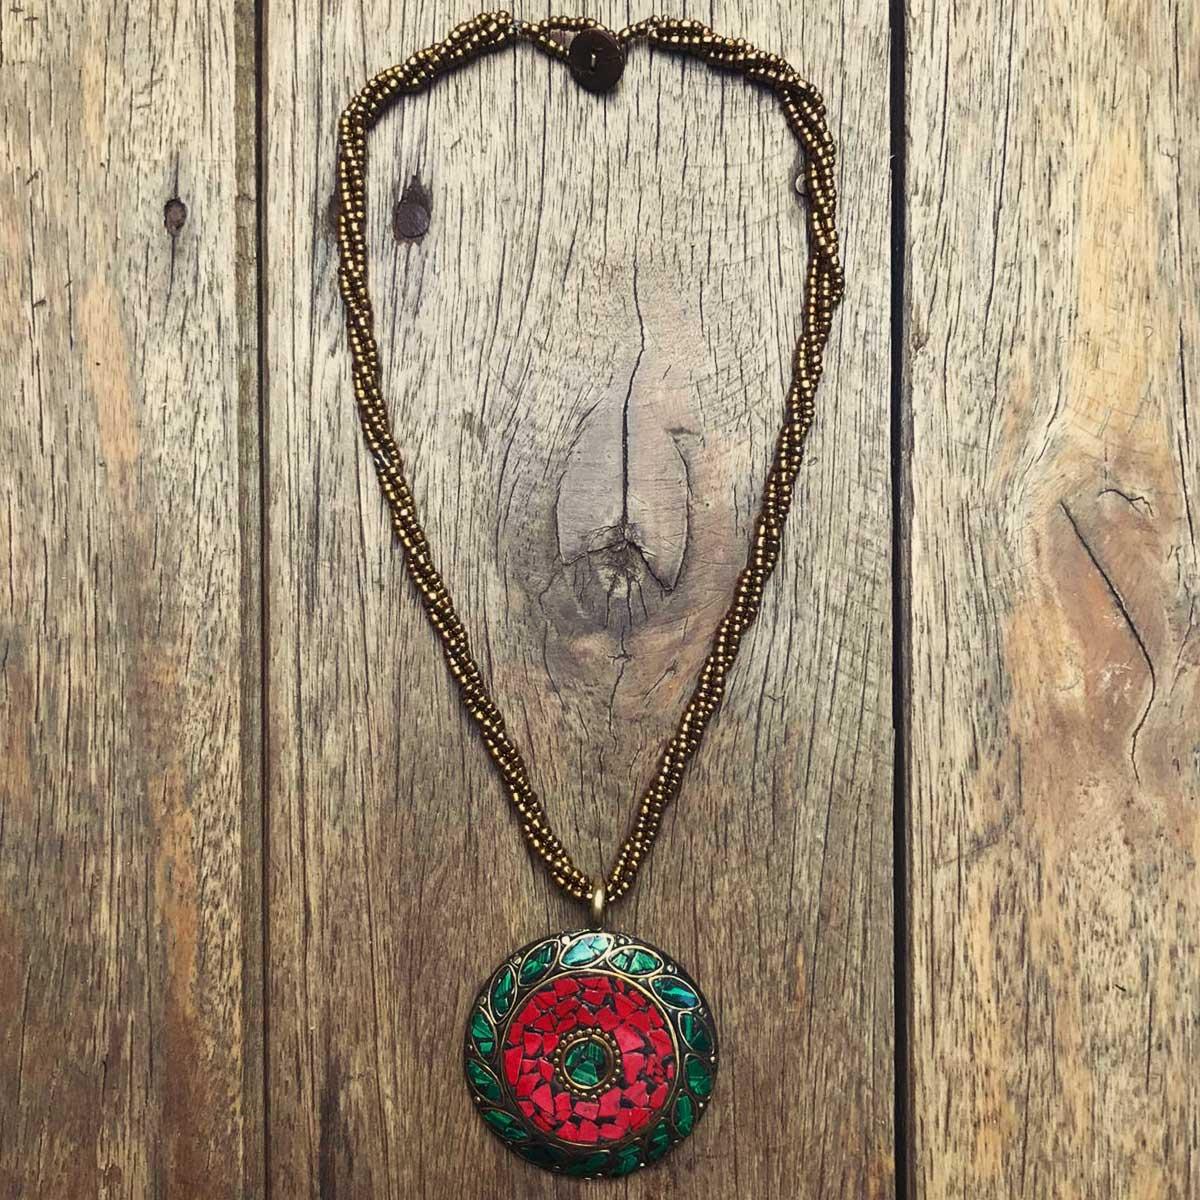 Colar indiano com lascas de pedra quartzo verde e vermelho